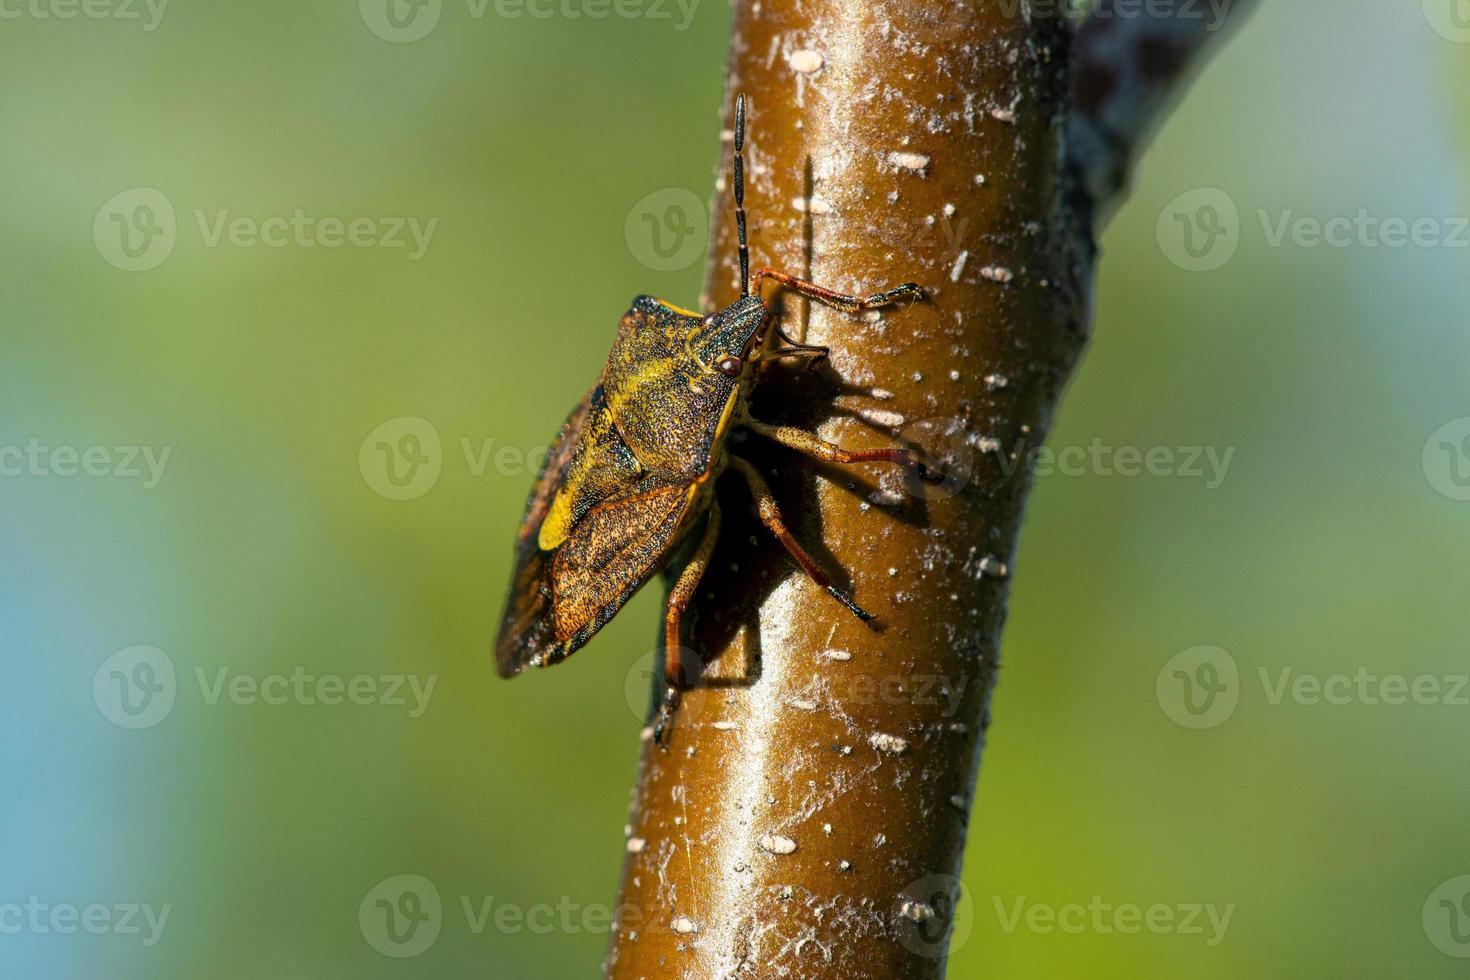 scudo bug nella luce del sole primaverile foto